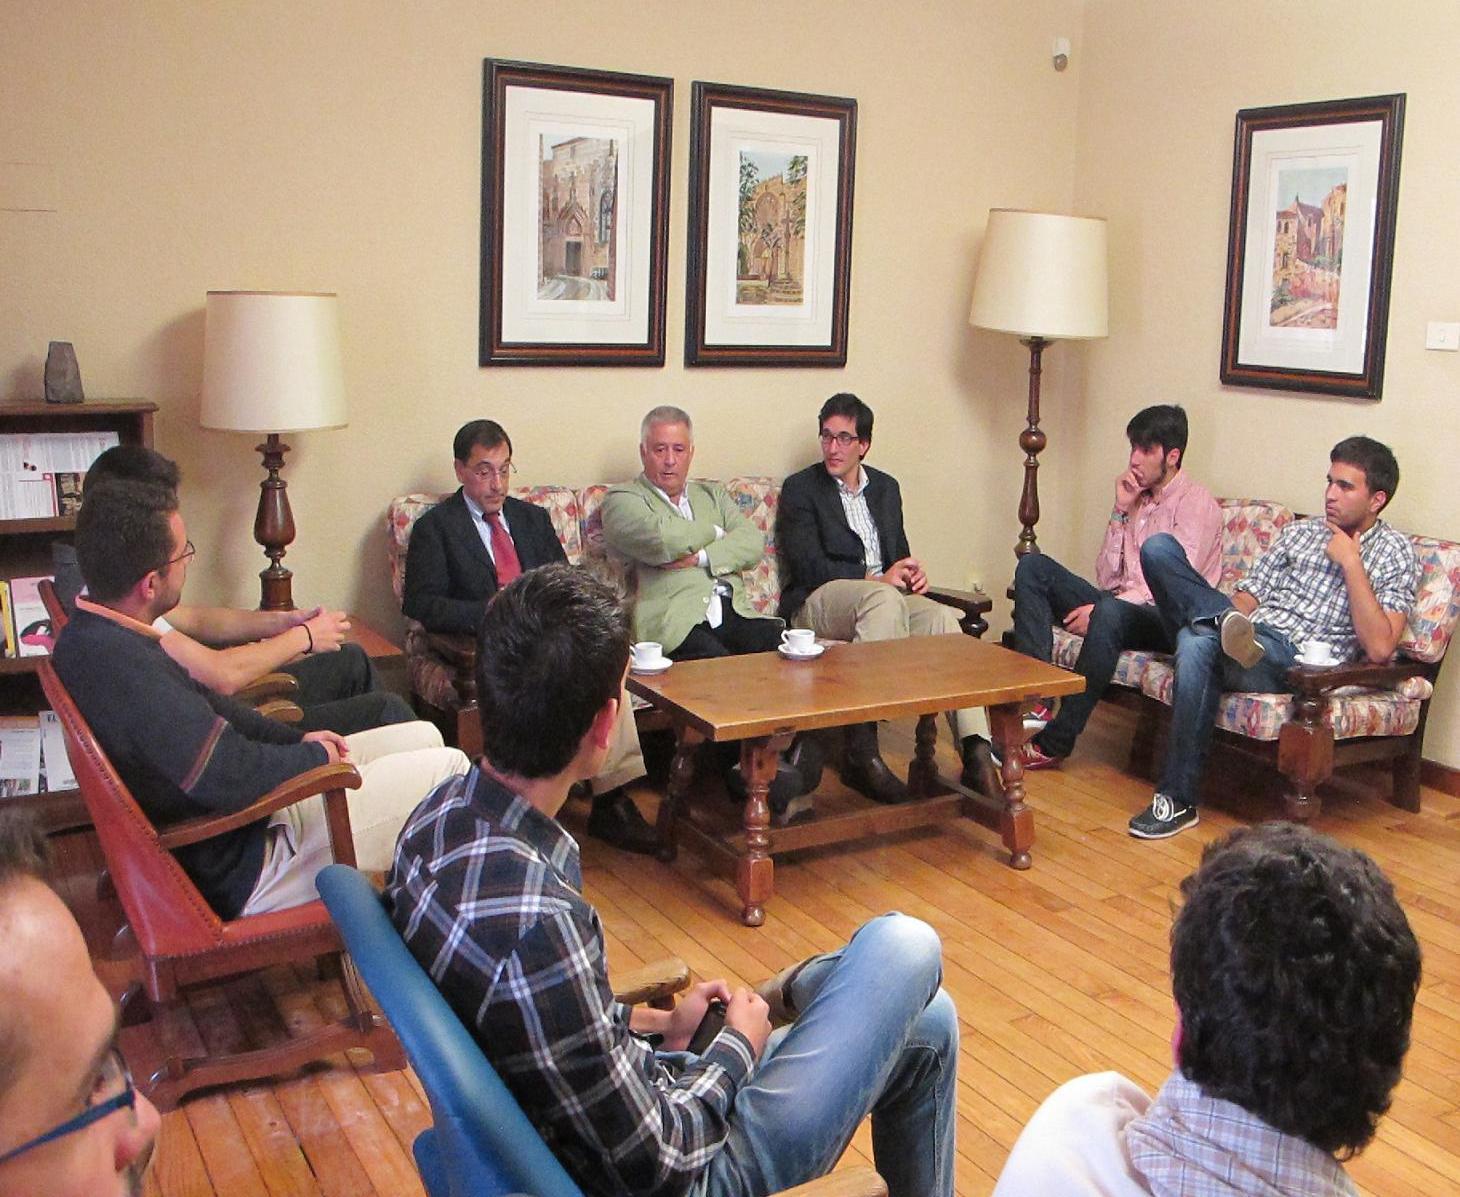 Ghaleb Jaber Presidente de la Fundación Araguaney participo en una tertulia con estudiantes universitarios en el Colegio Mayor La Estila